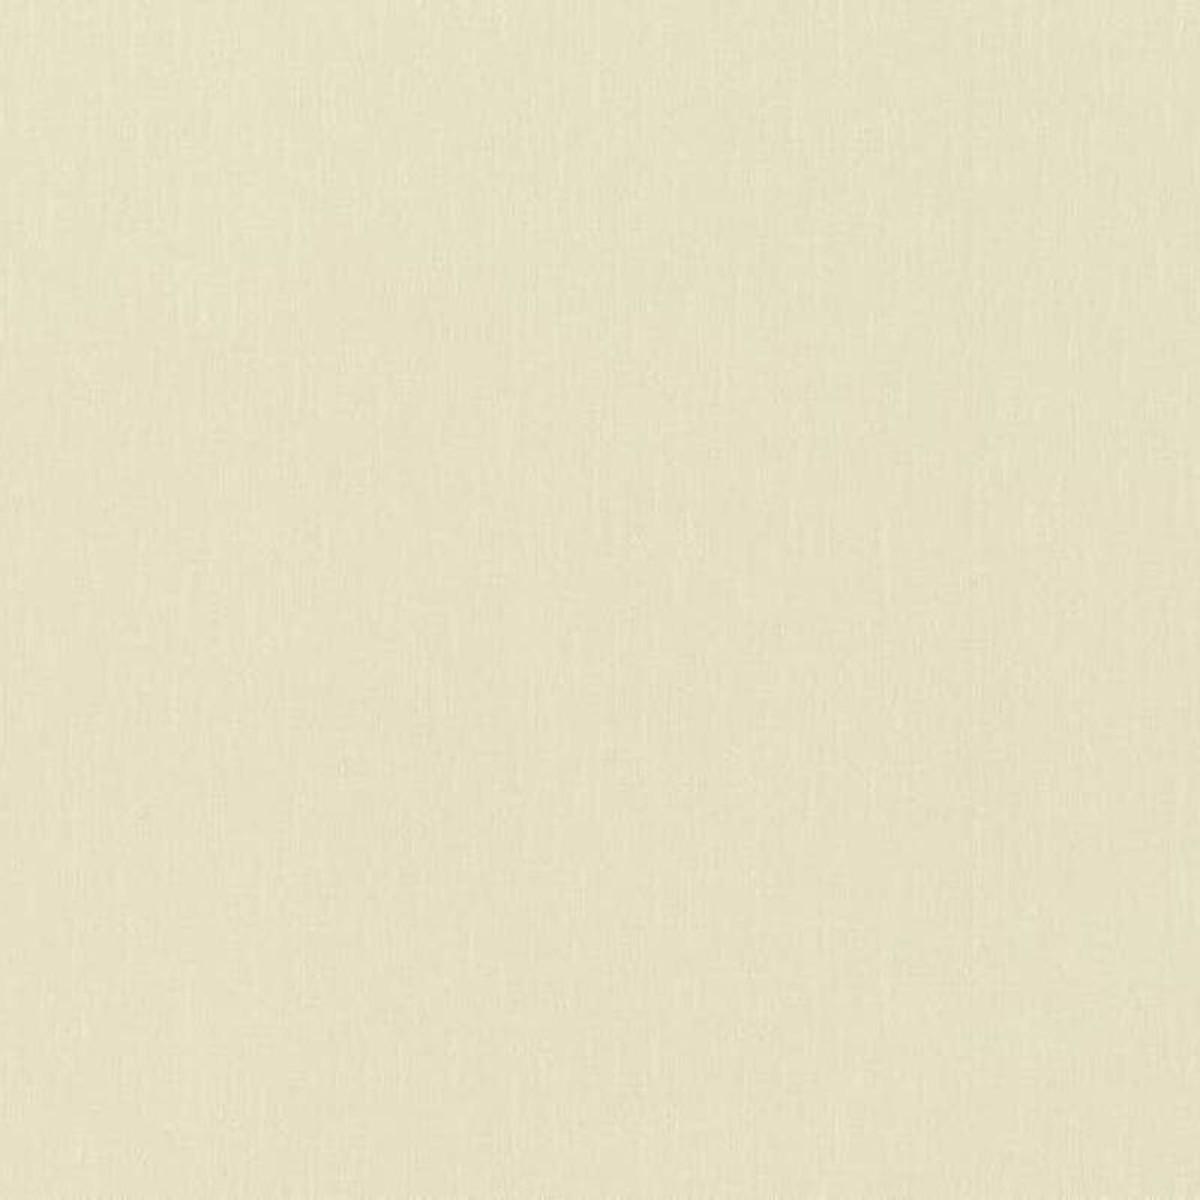 Обои флизелиновые Rasch New Wave 3 зеленые 1.06 м 806014